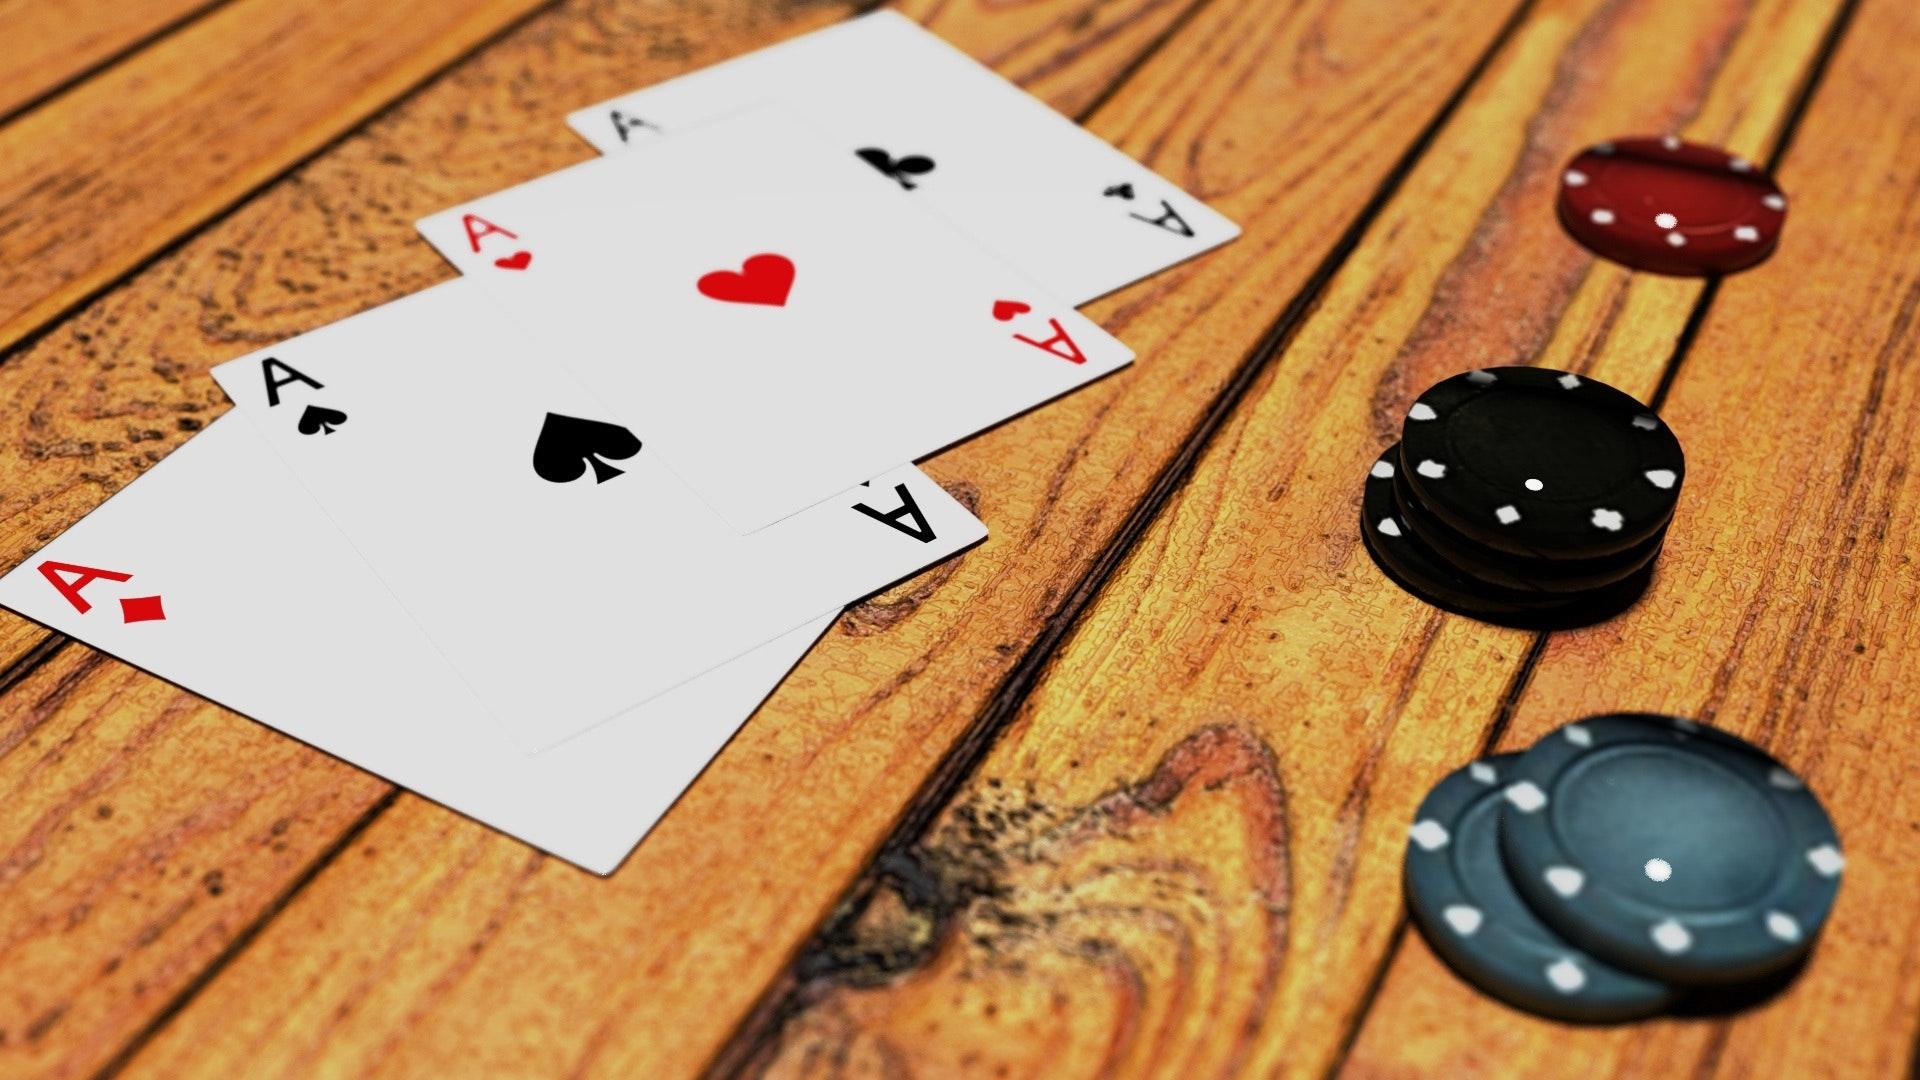 Pokerkarten und Pokerchips auf einem Tisch